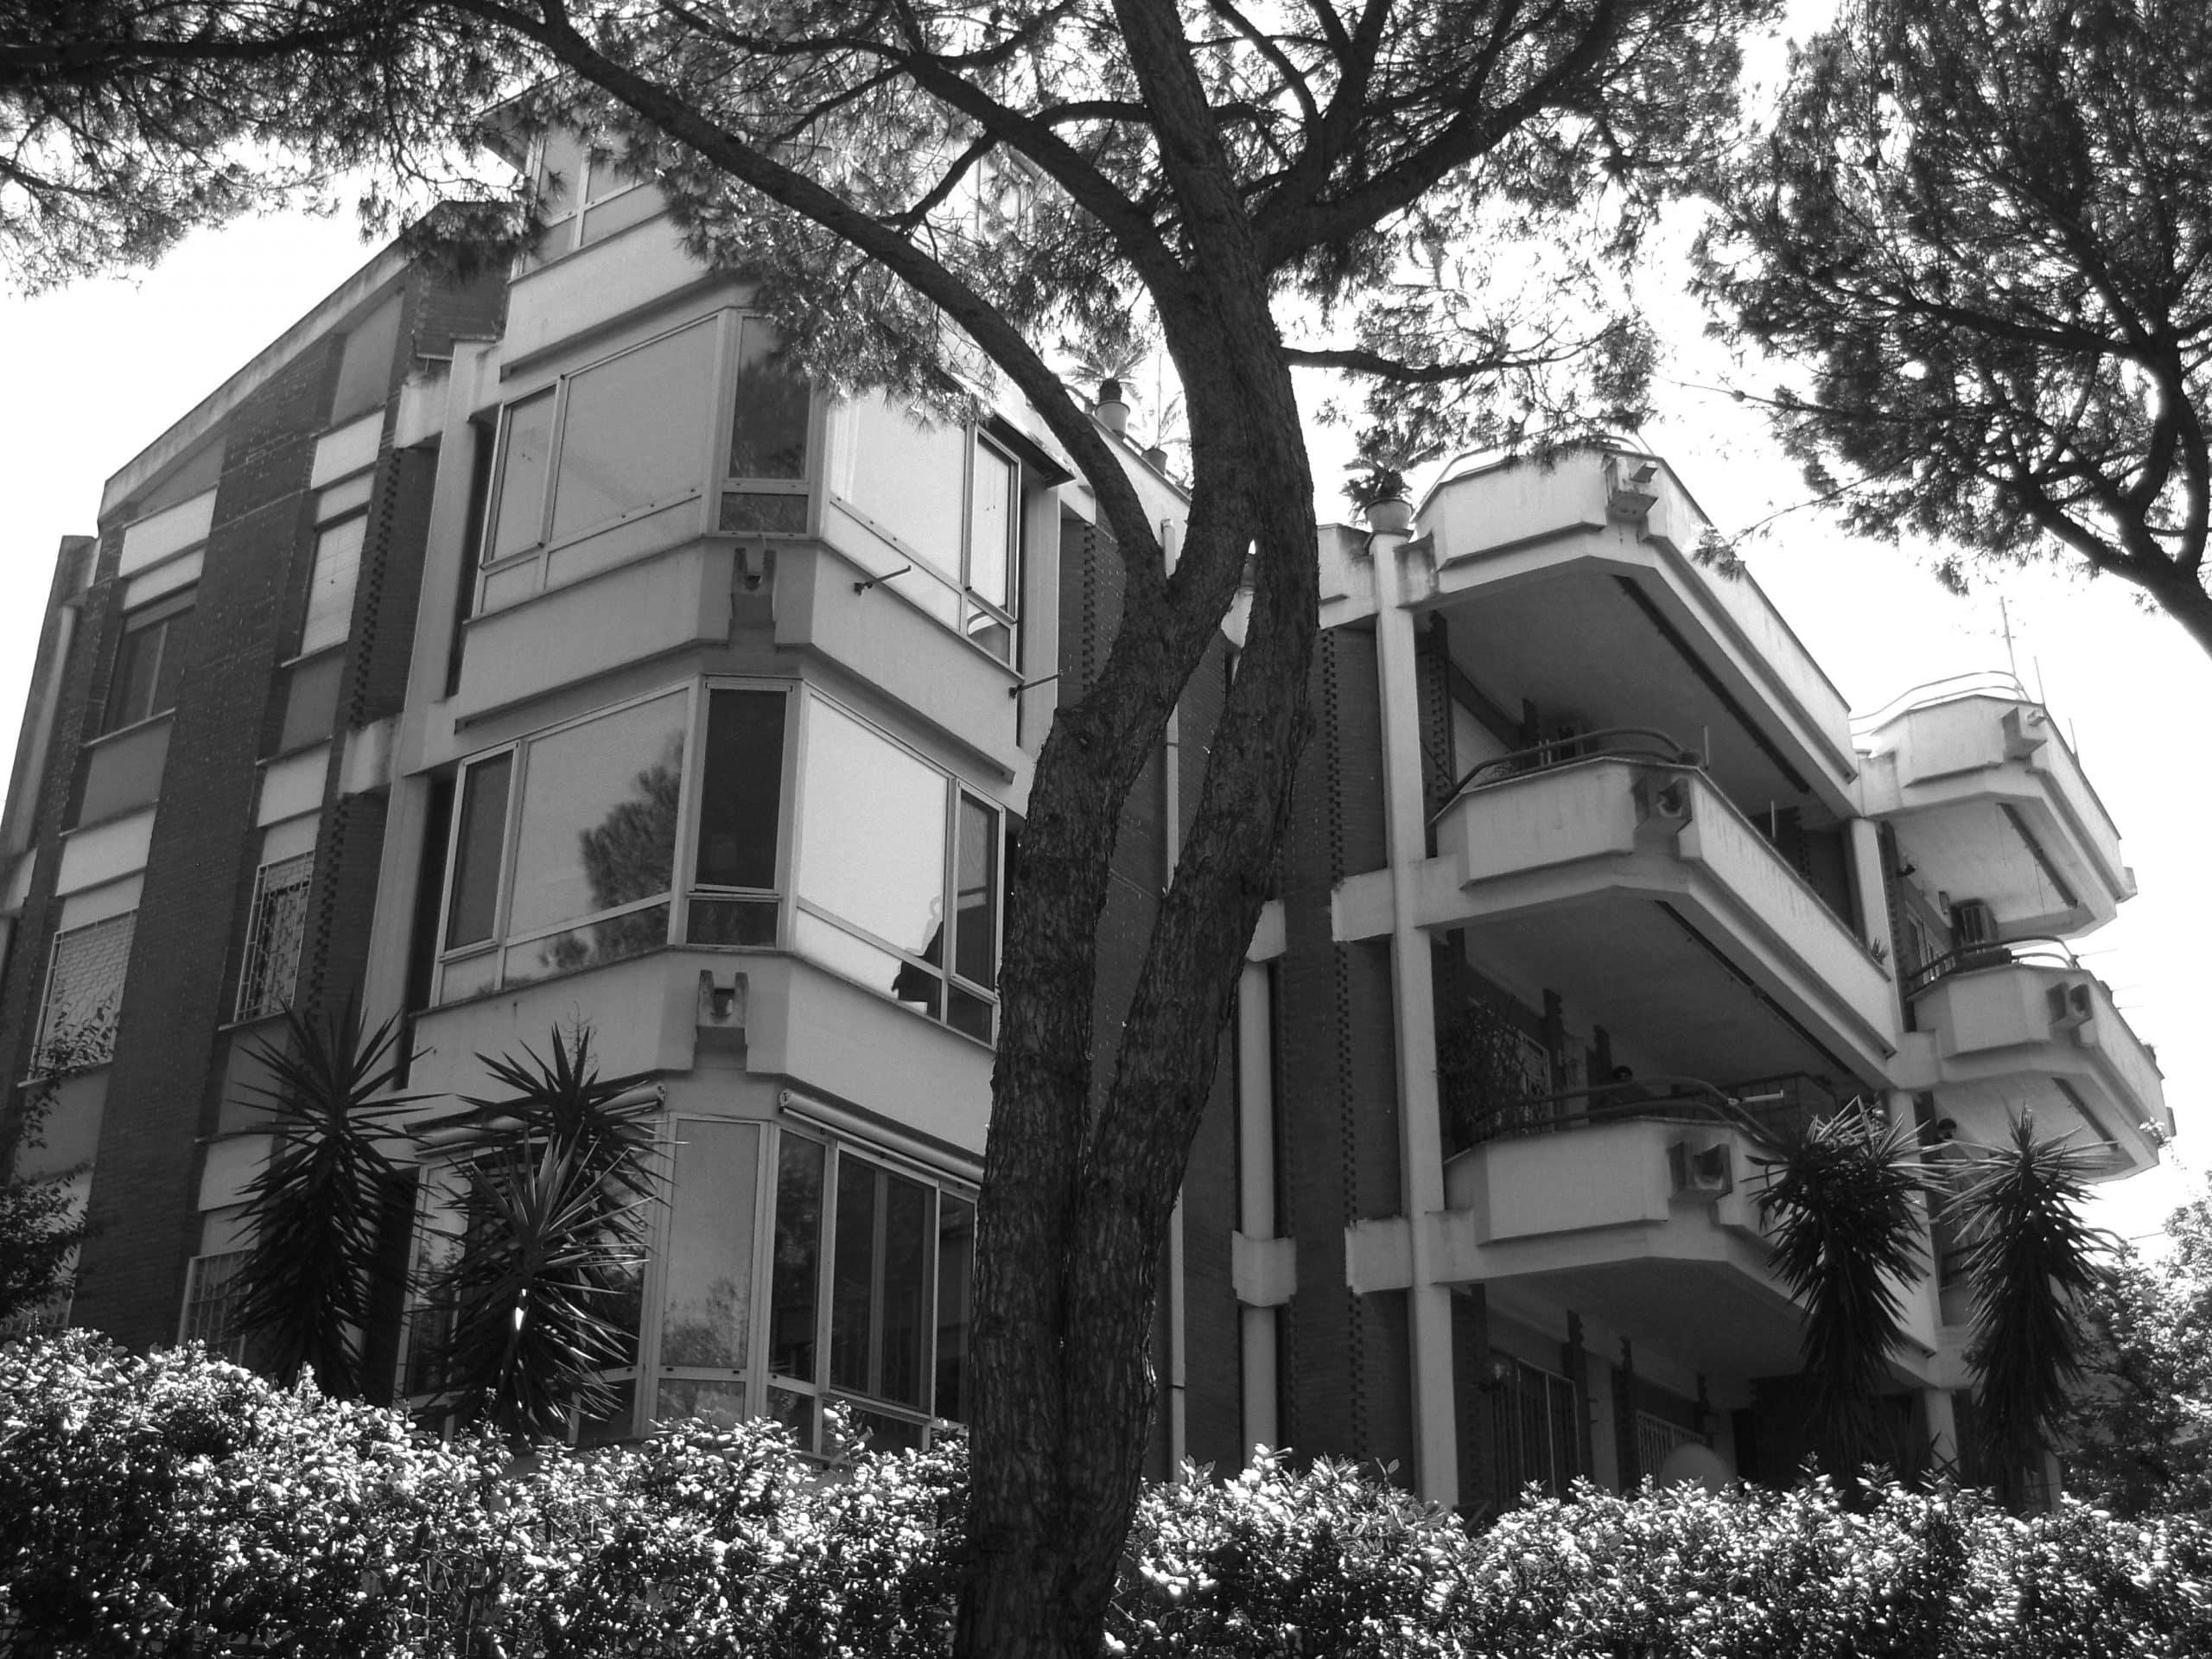 2 - Palazzina in via Forti a Mostacciano, Roma - EUR - Vista esterna